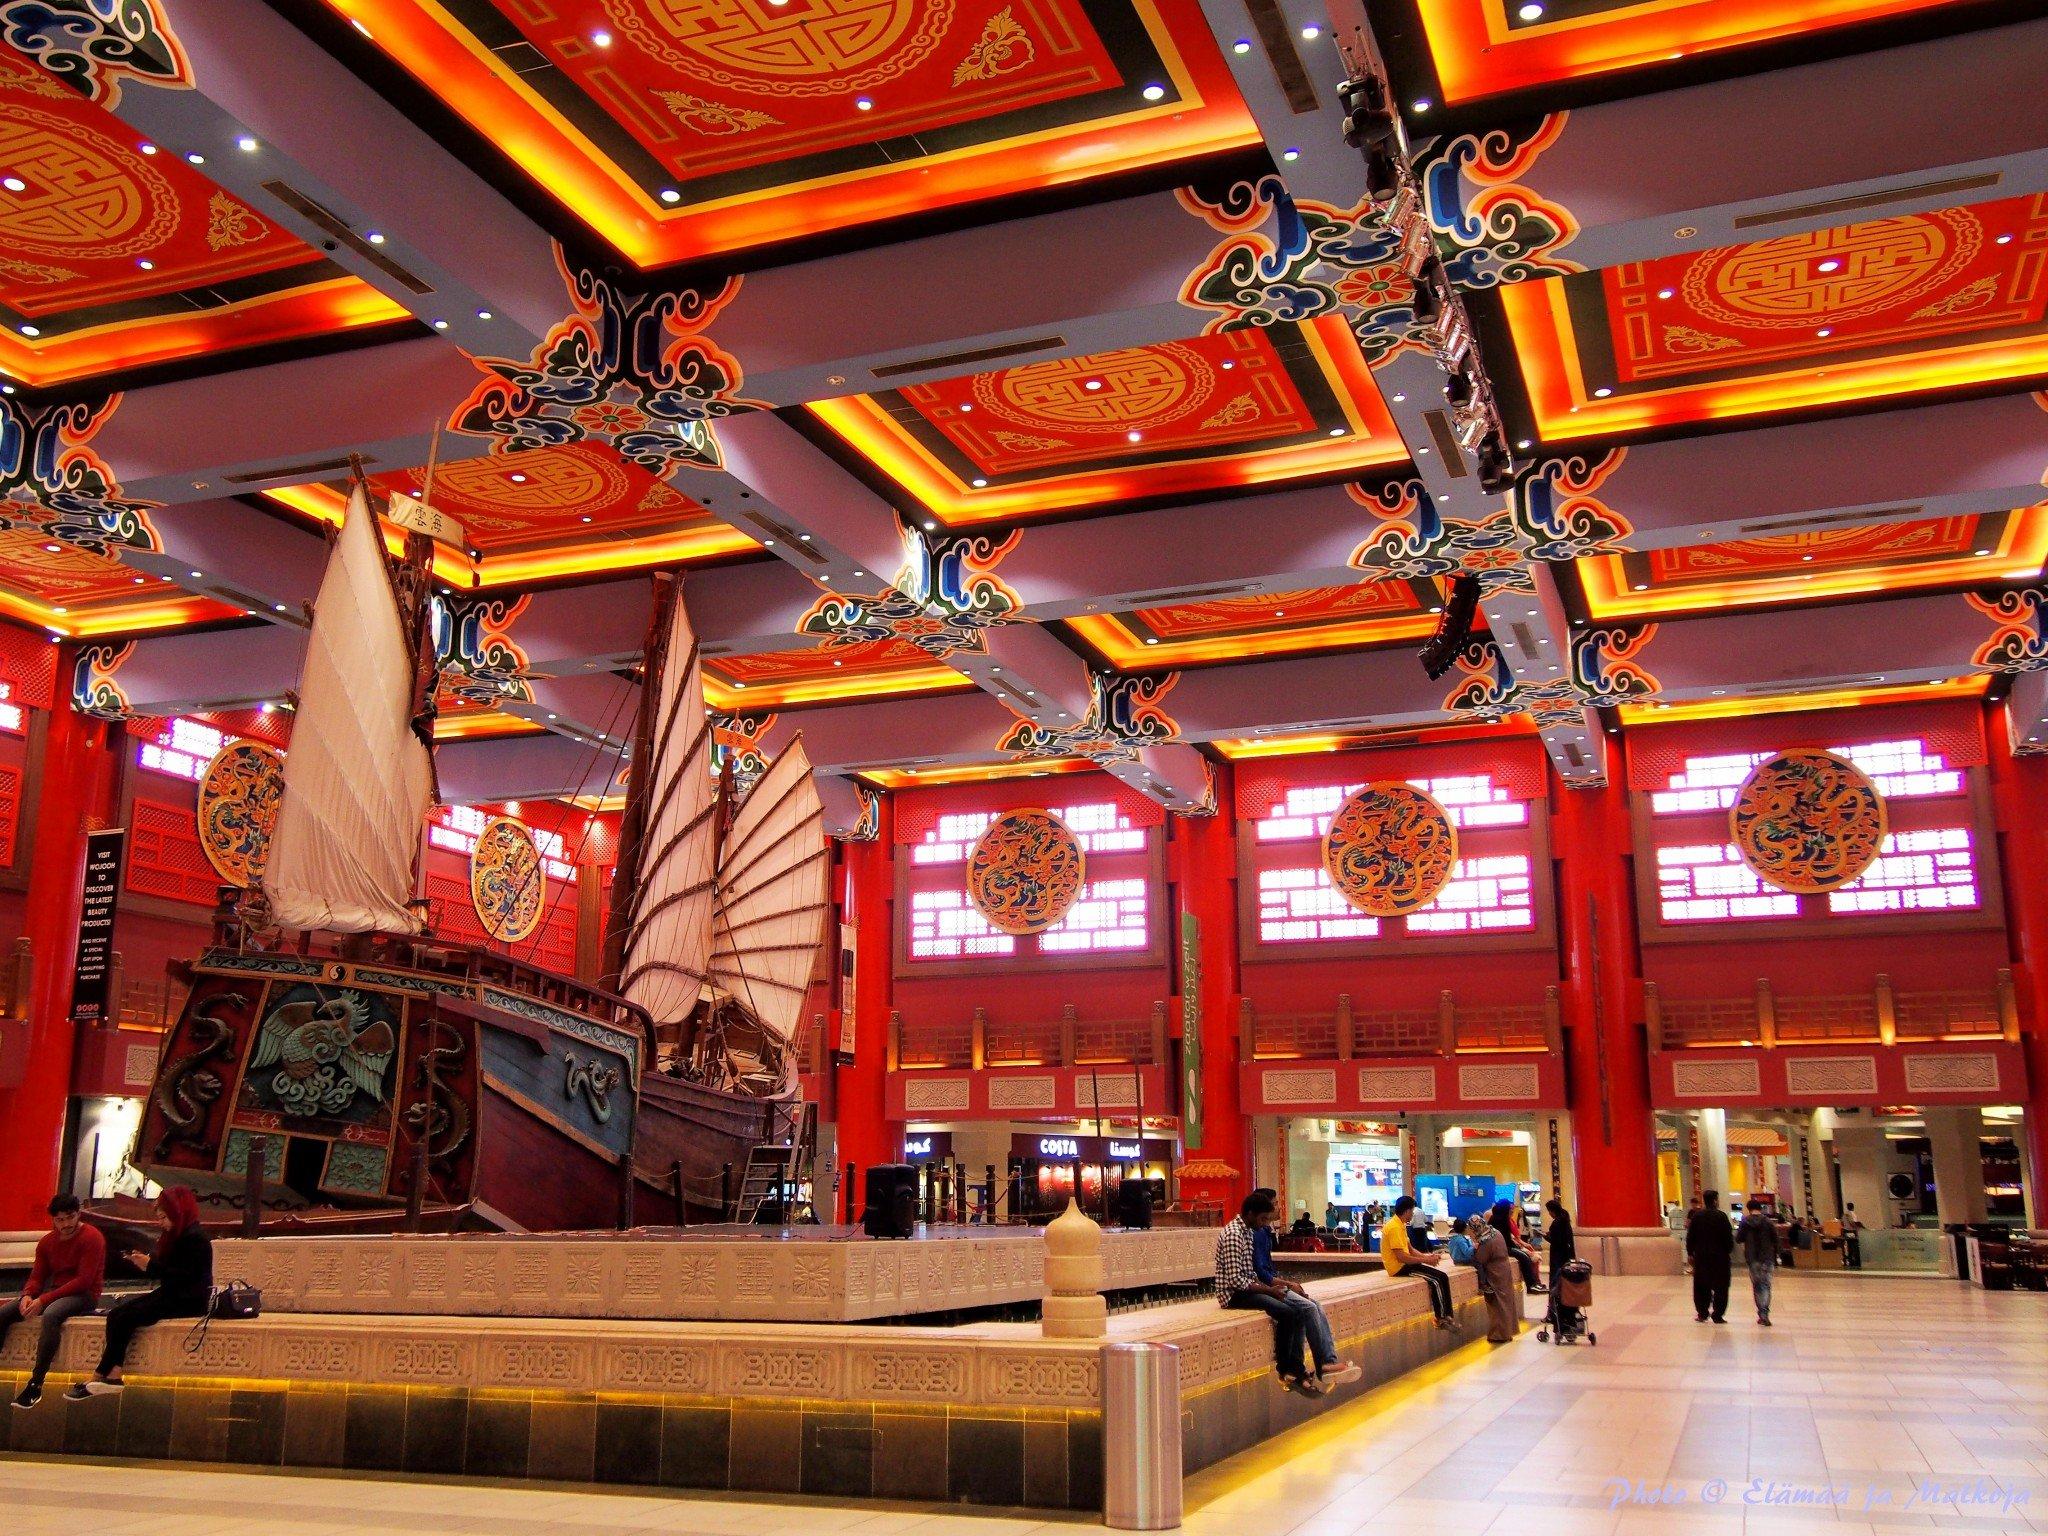 Ibn Battuta Mall Dubai 2 Photo © Elämää ja Matkoja